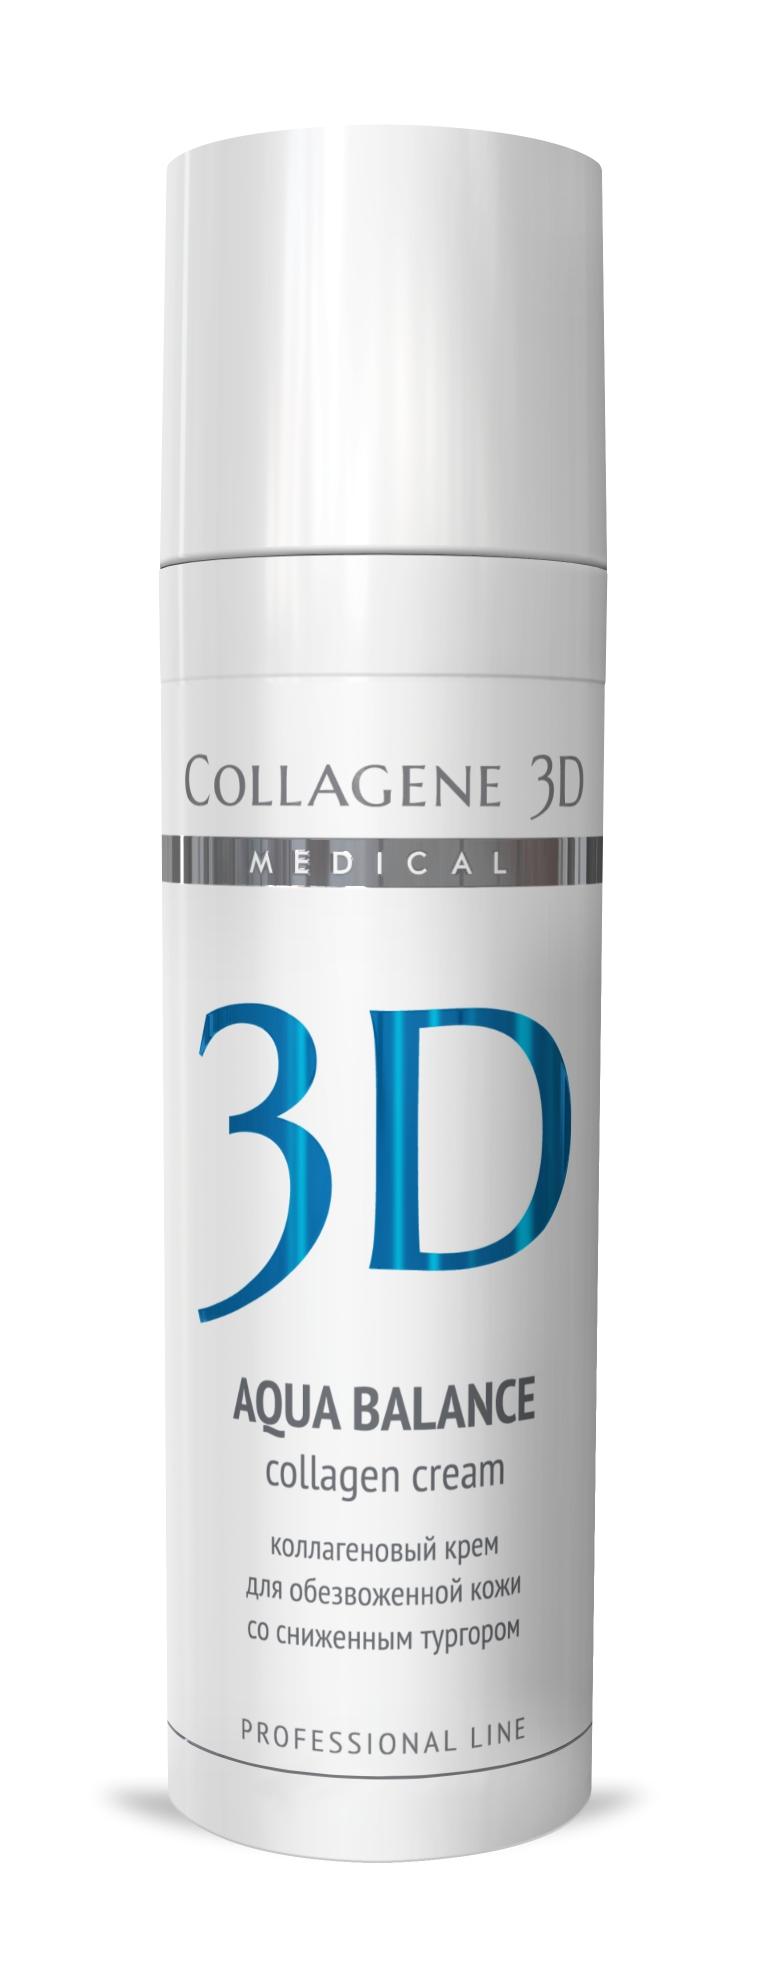 MEDICAL COLLAGENE 3D Крем с коллагеном и гиалуроновой кислотой для лица Aqua Balance 30мл проф.